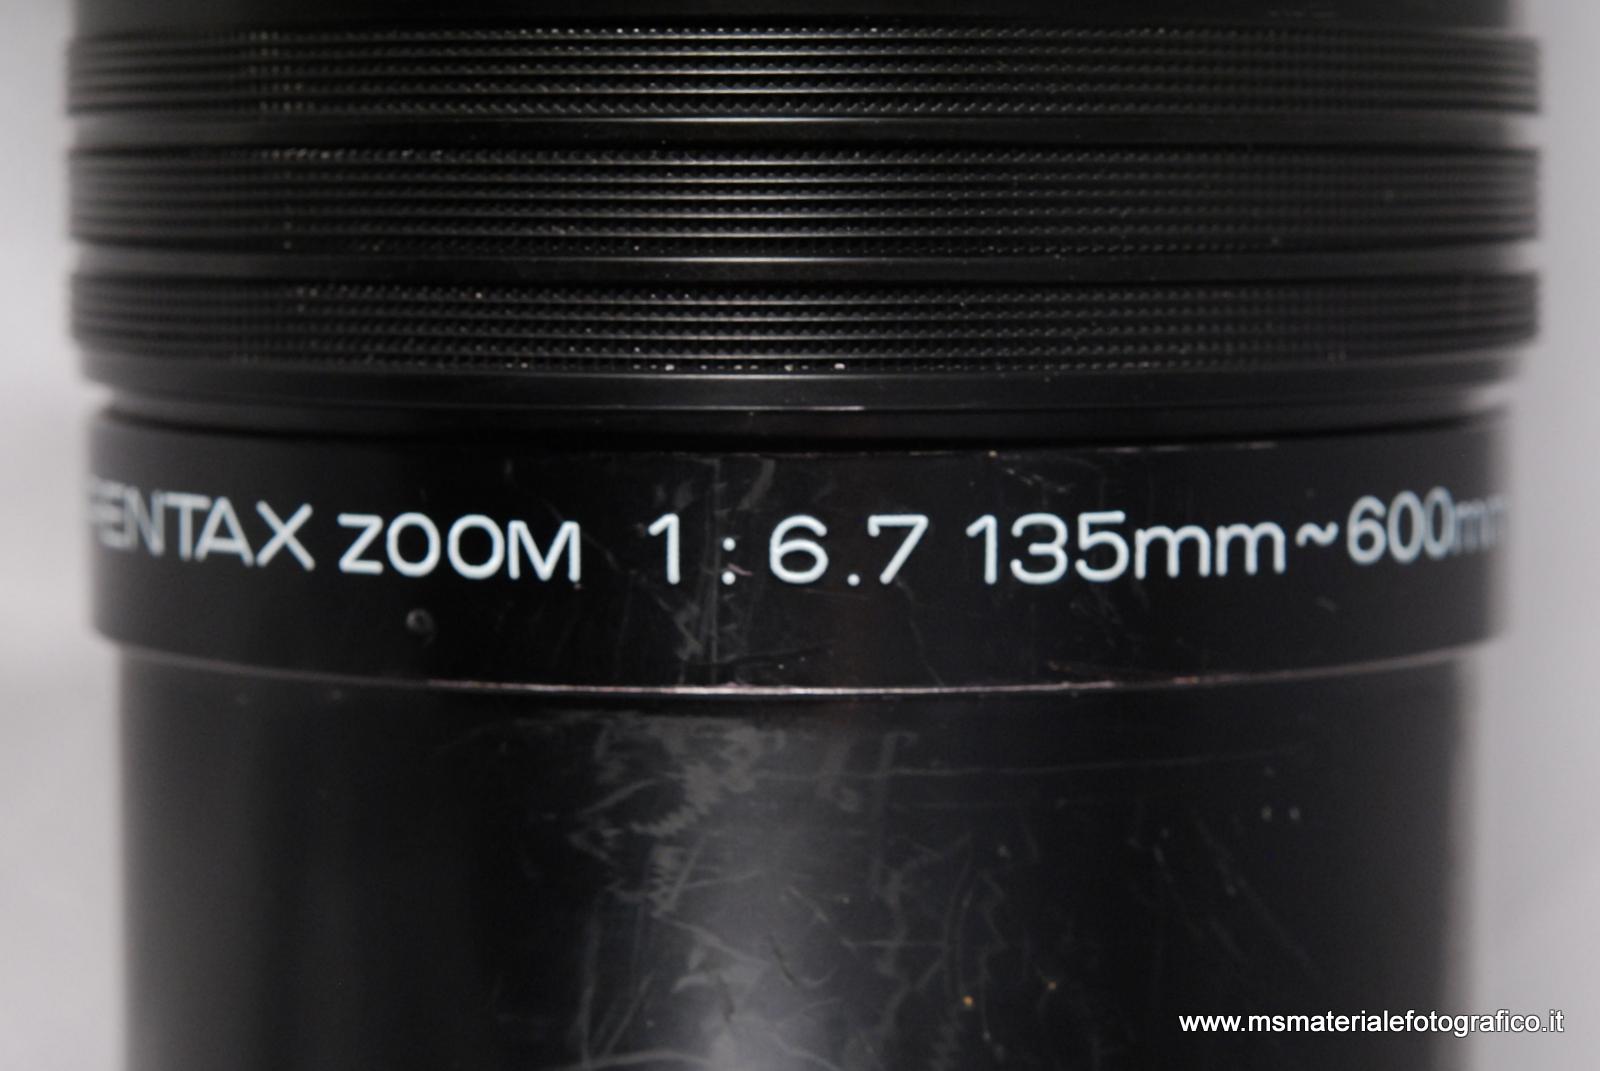 Obiettivo SMC Pentax Zoom 135-600mm f/6,7